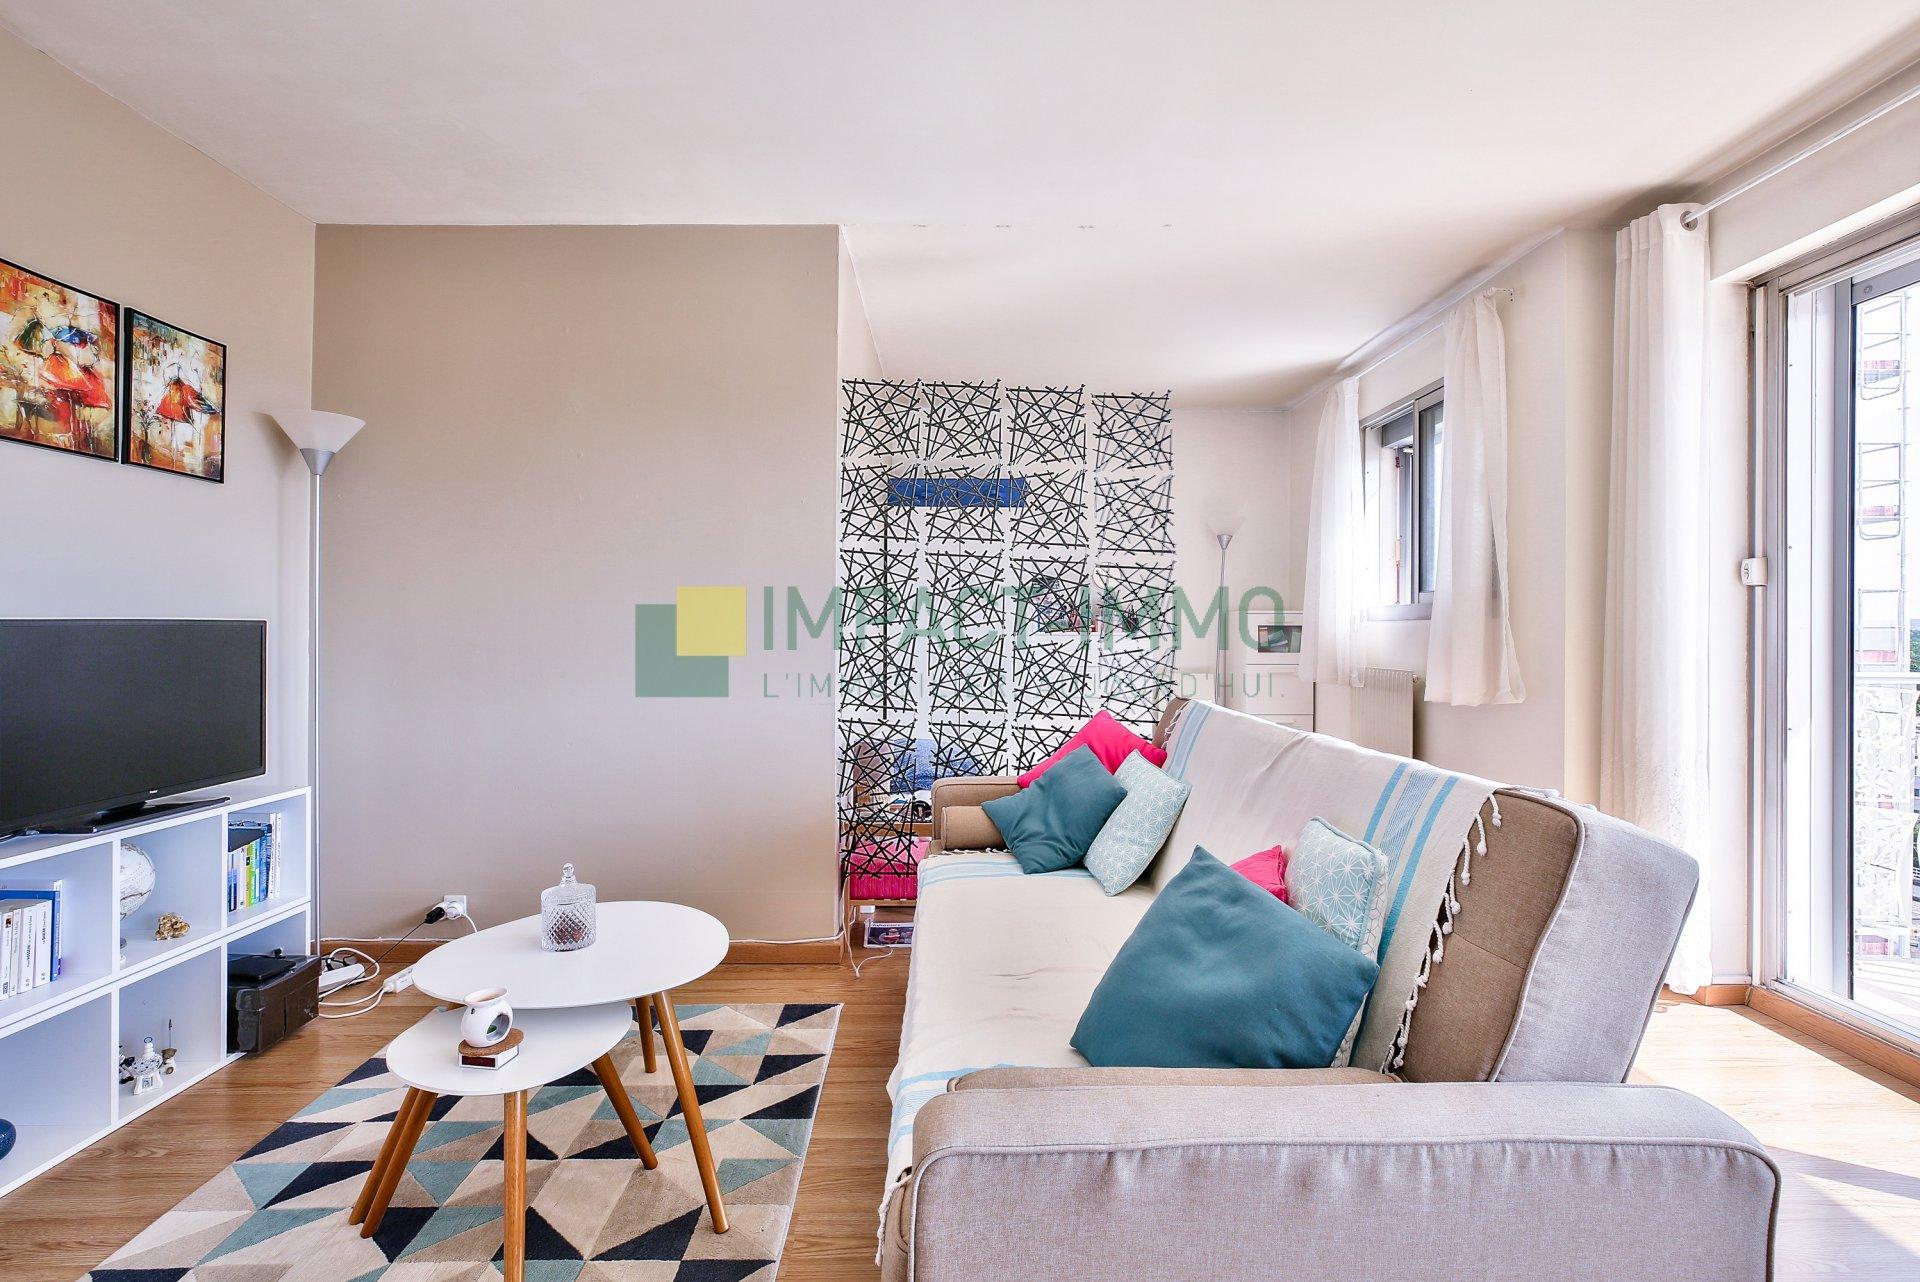 NOUVEAUTÉ ! Studio avec balcon et vue panoramique